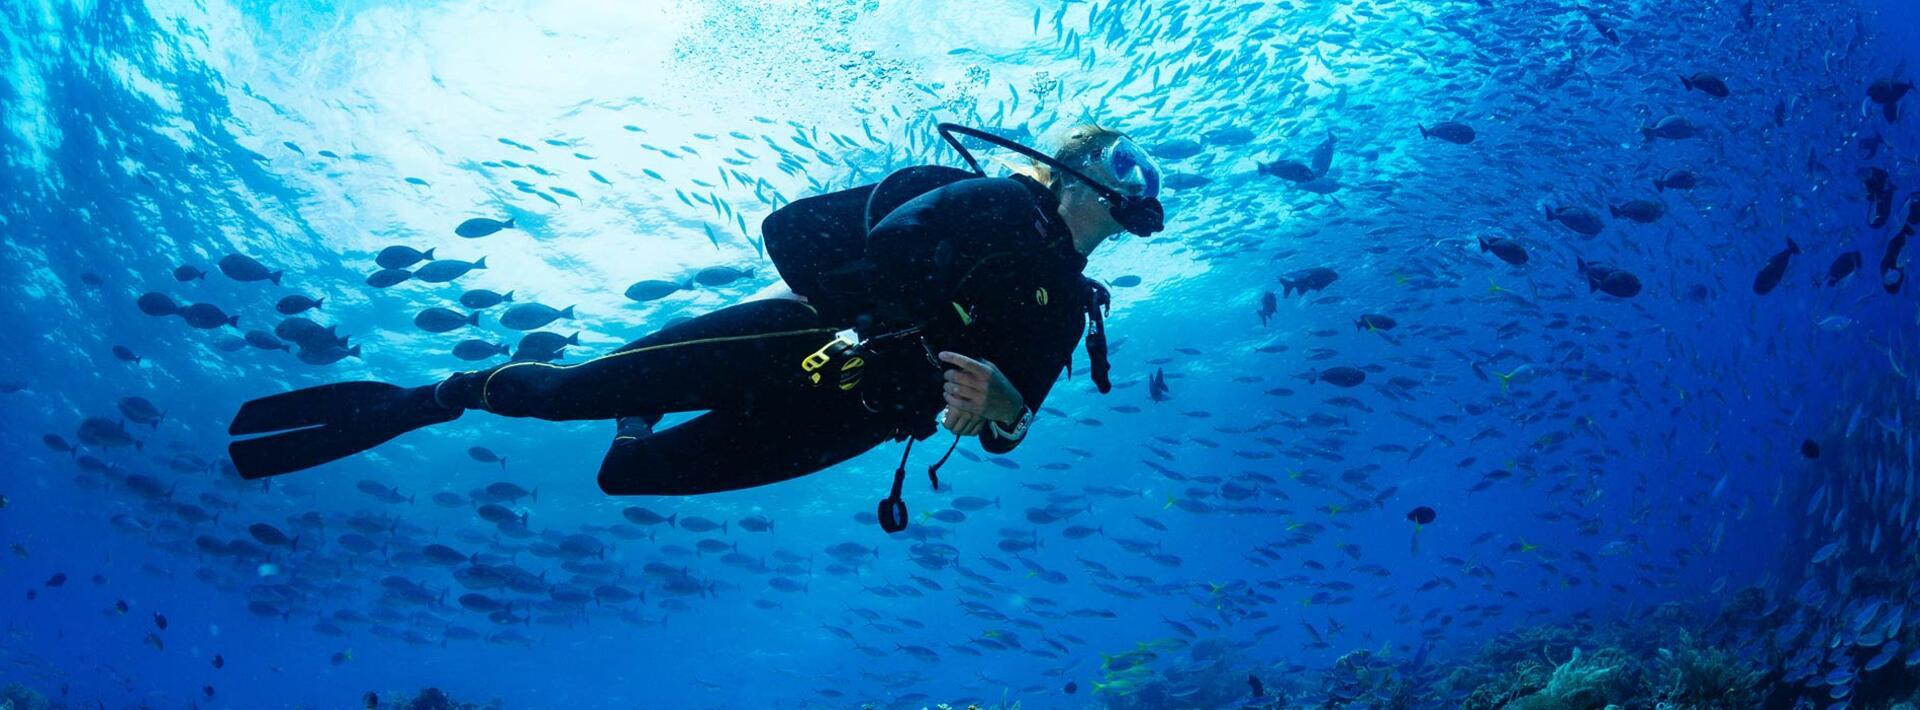 villaggioilgabbiano de diving-calabria 010